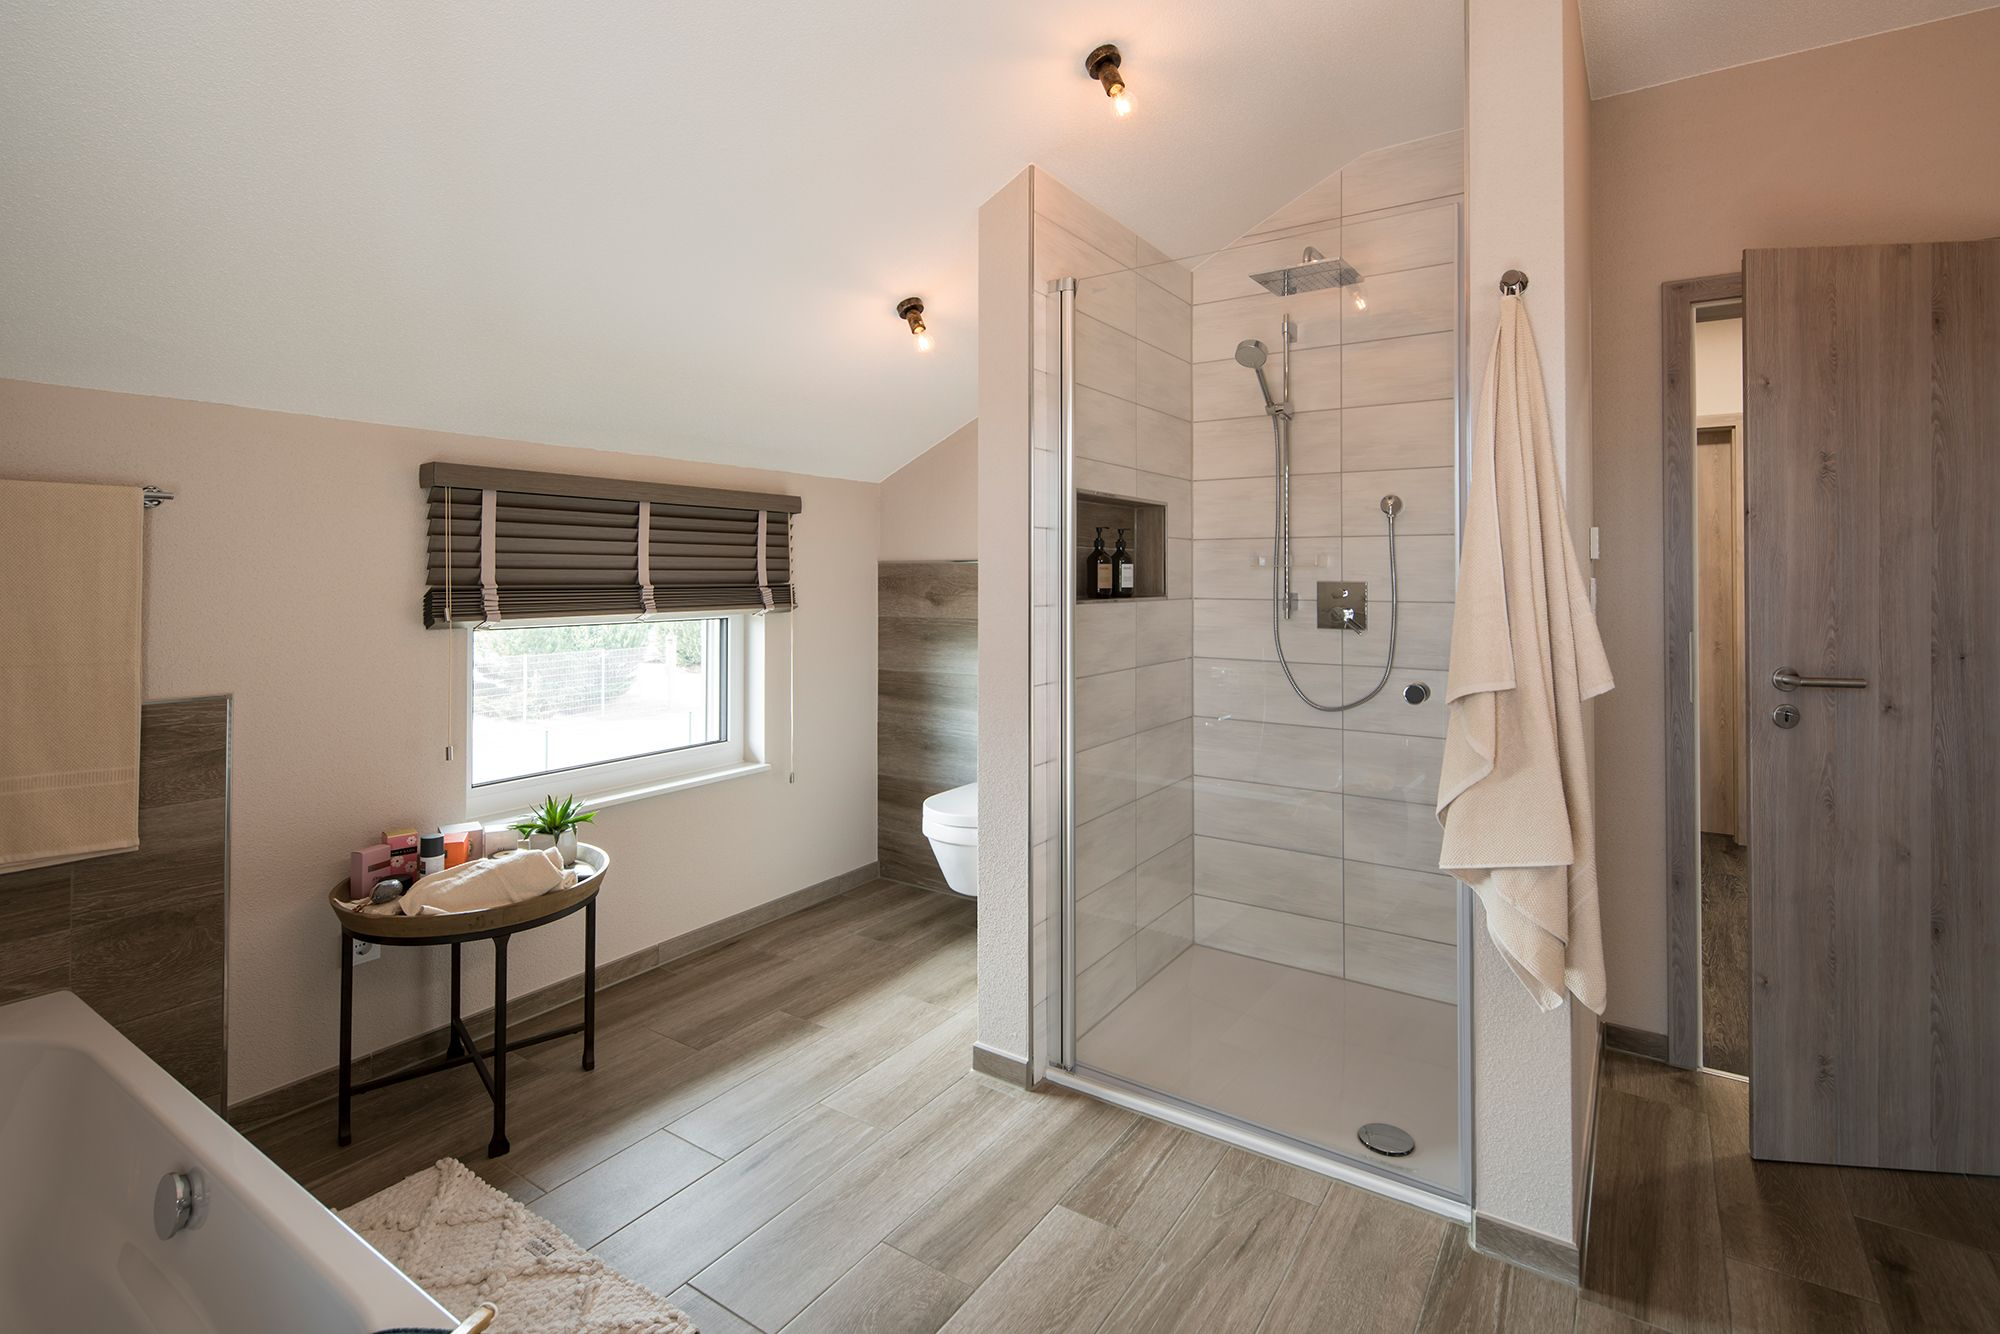 Wohnideen Badezimmer In Beigetonen Mit Regendusche Fingerhaus Fertighaus Kaufen Fertighauser